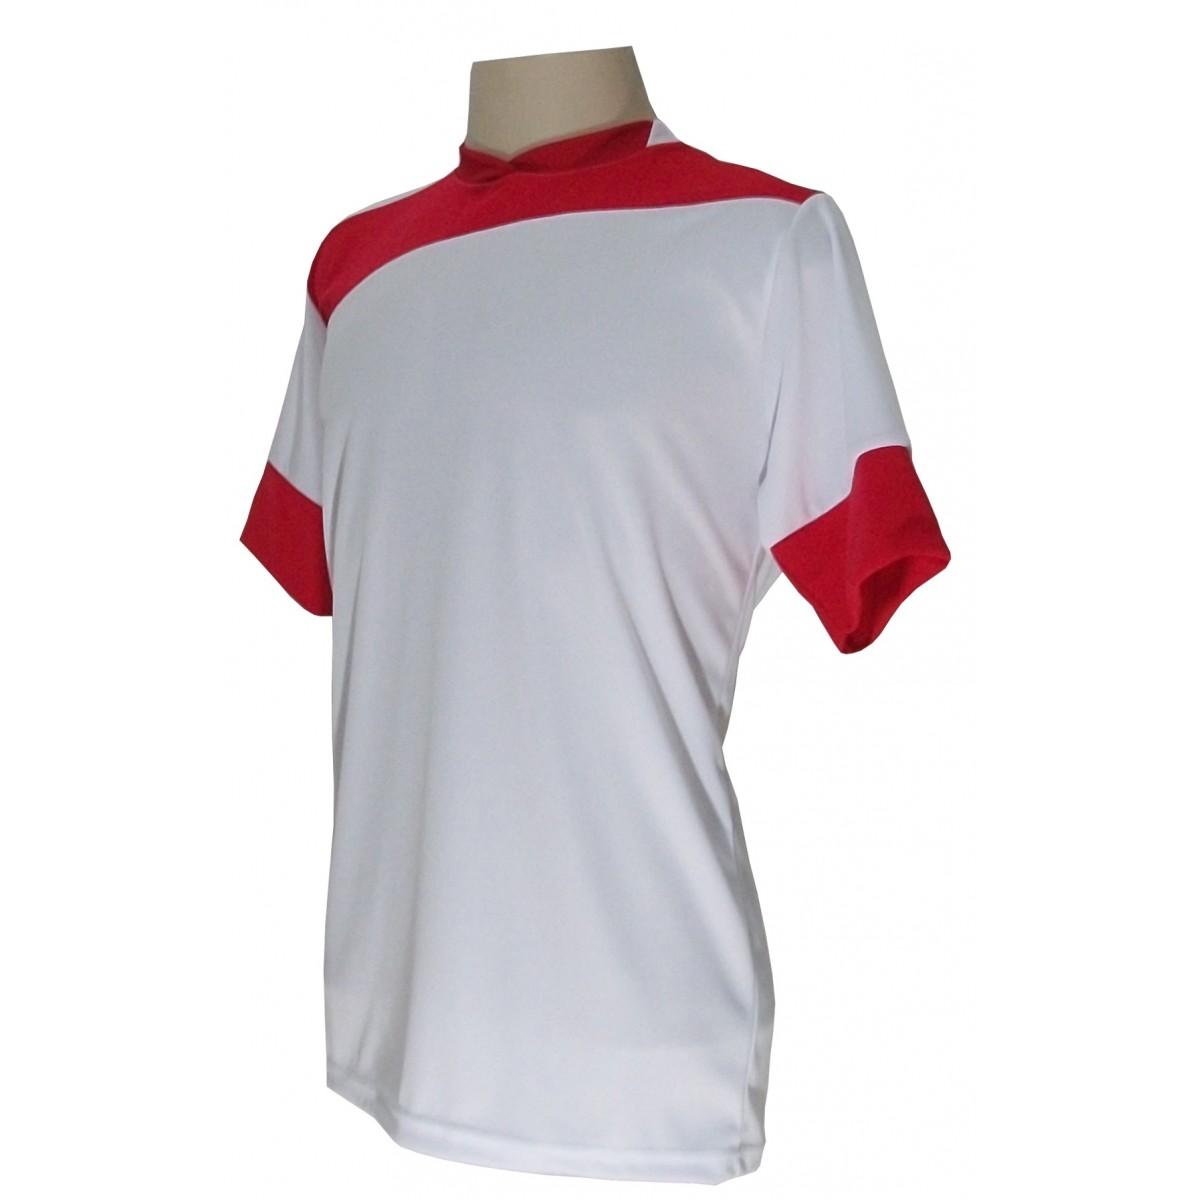 56f70f18ef175 ... Uniforme Esportivo com 14 camisas modelo Sporting Branco Vermelho + 14  calções modelo Madrid + ...